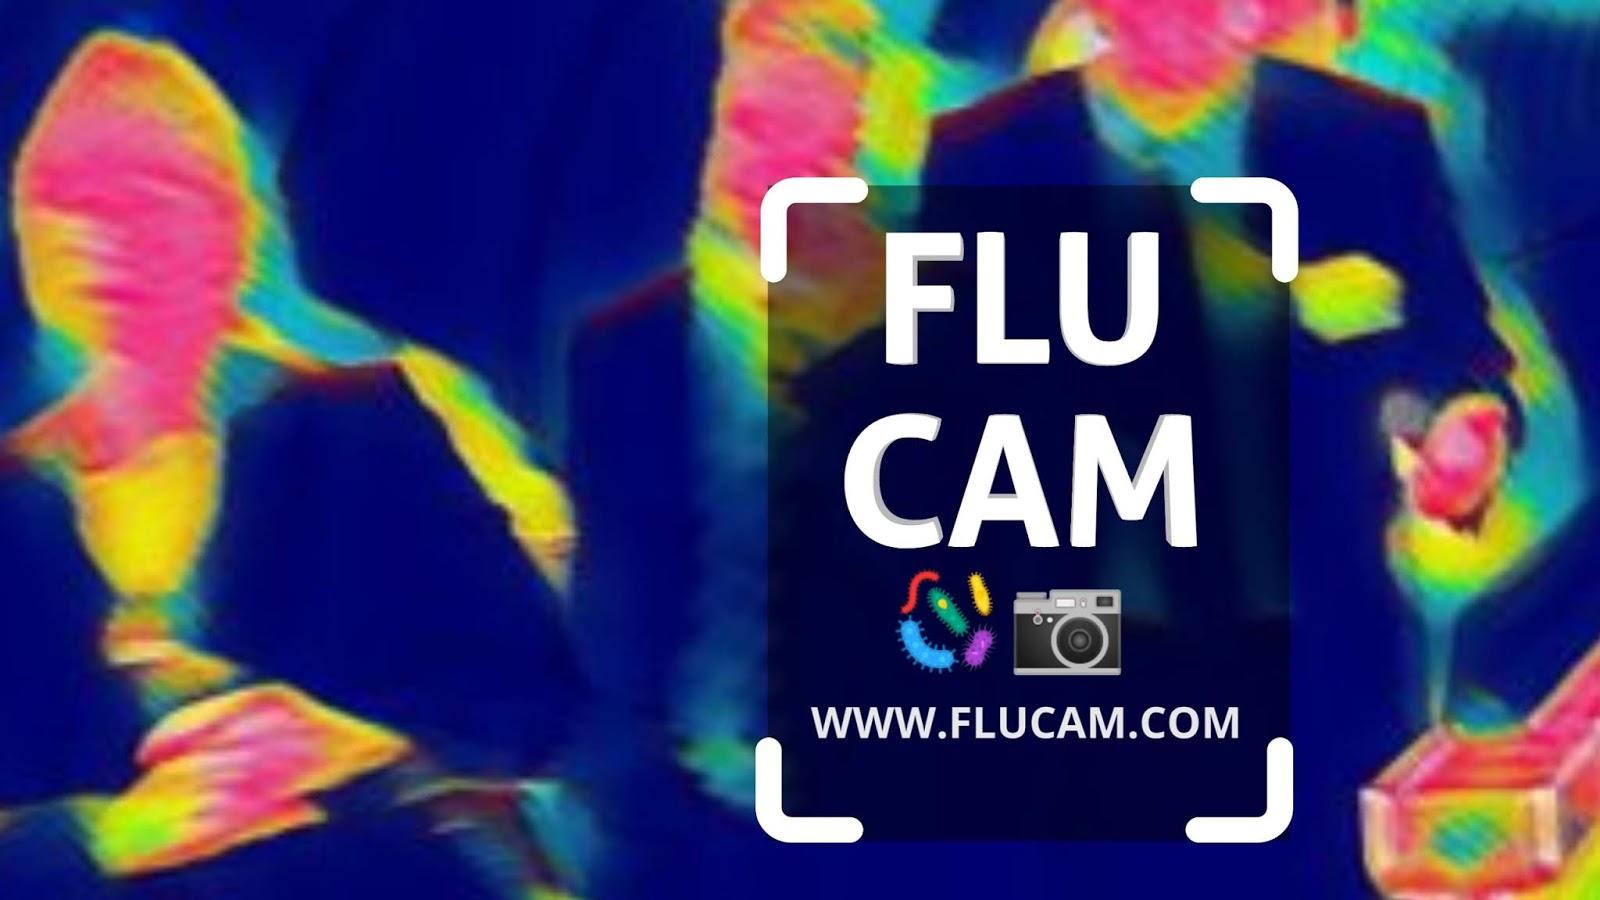 FluCam.com